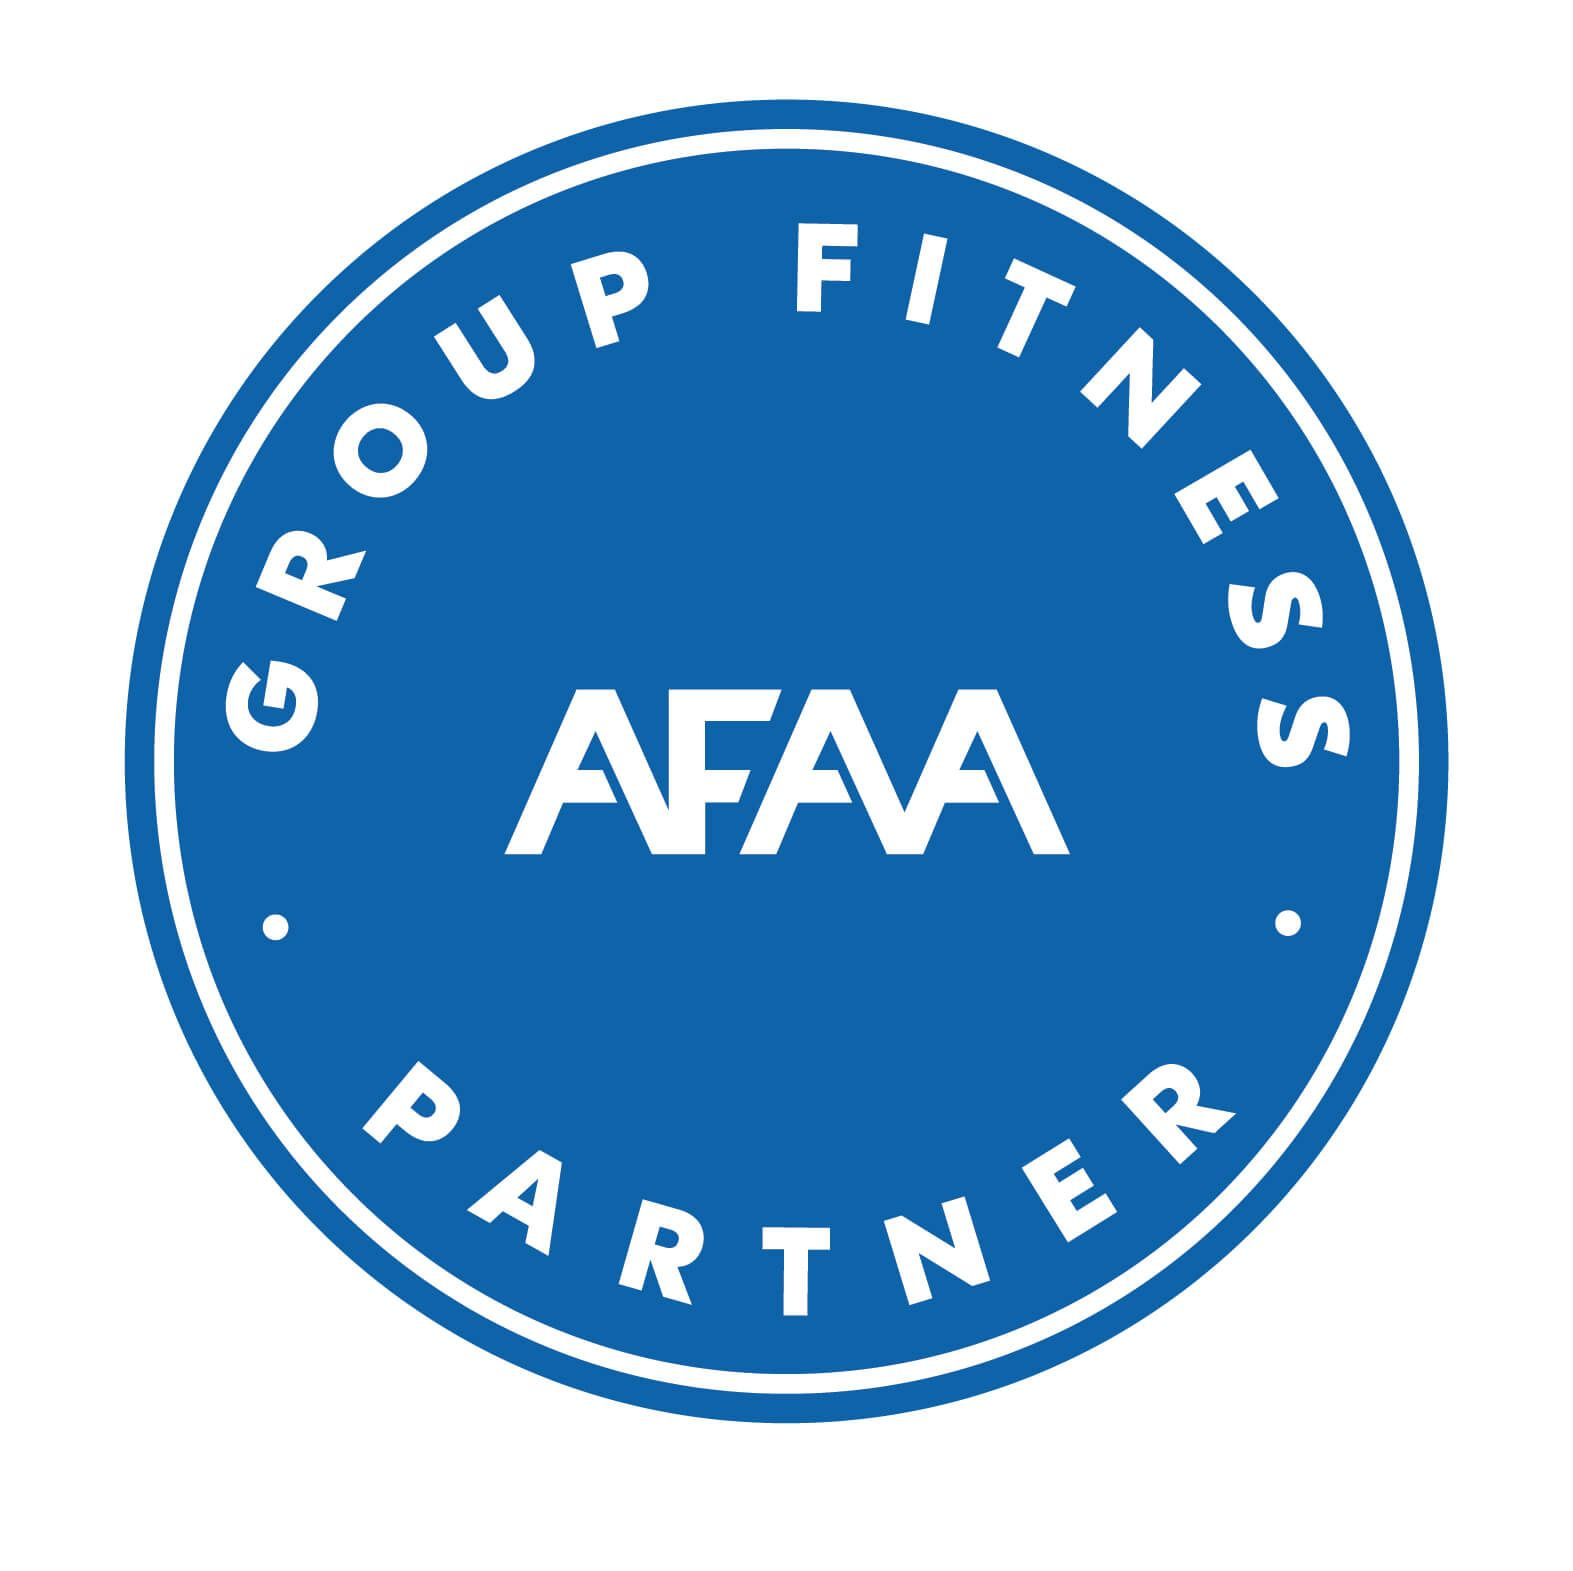 AFAA Partner Seal